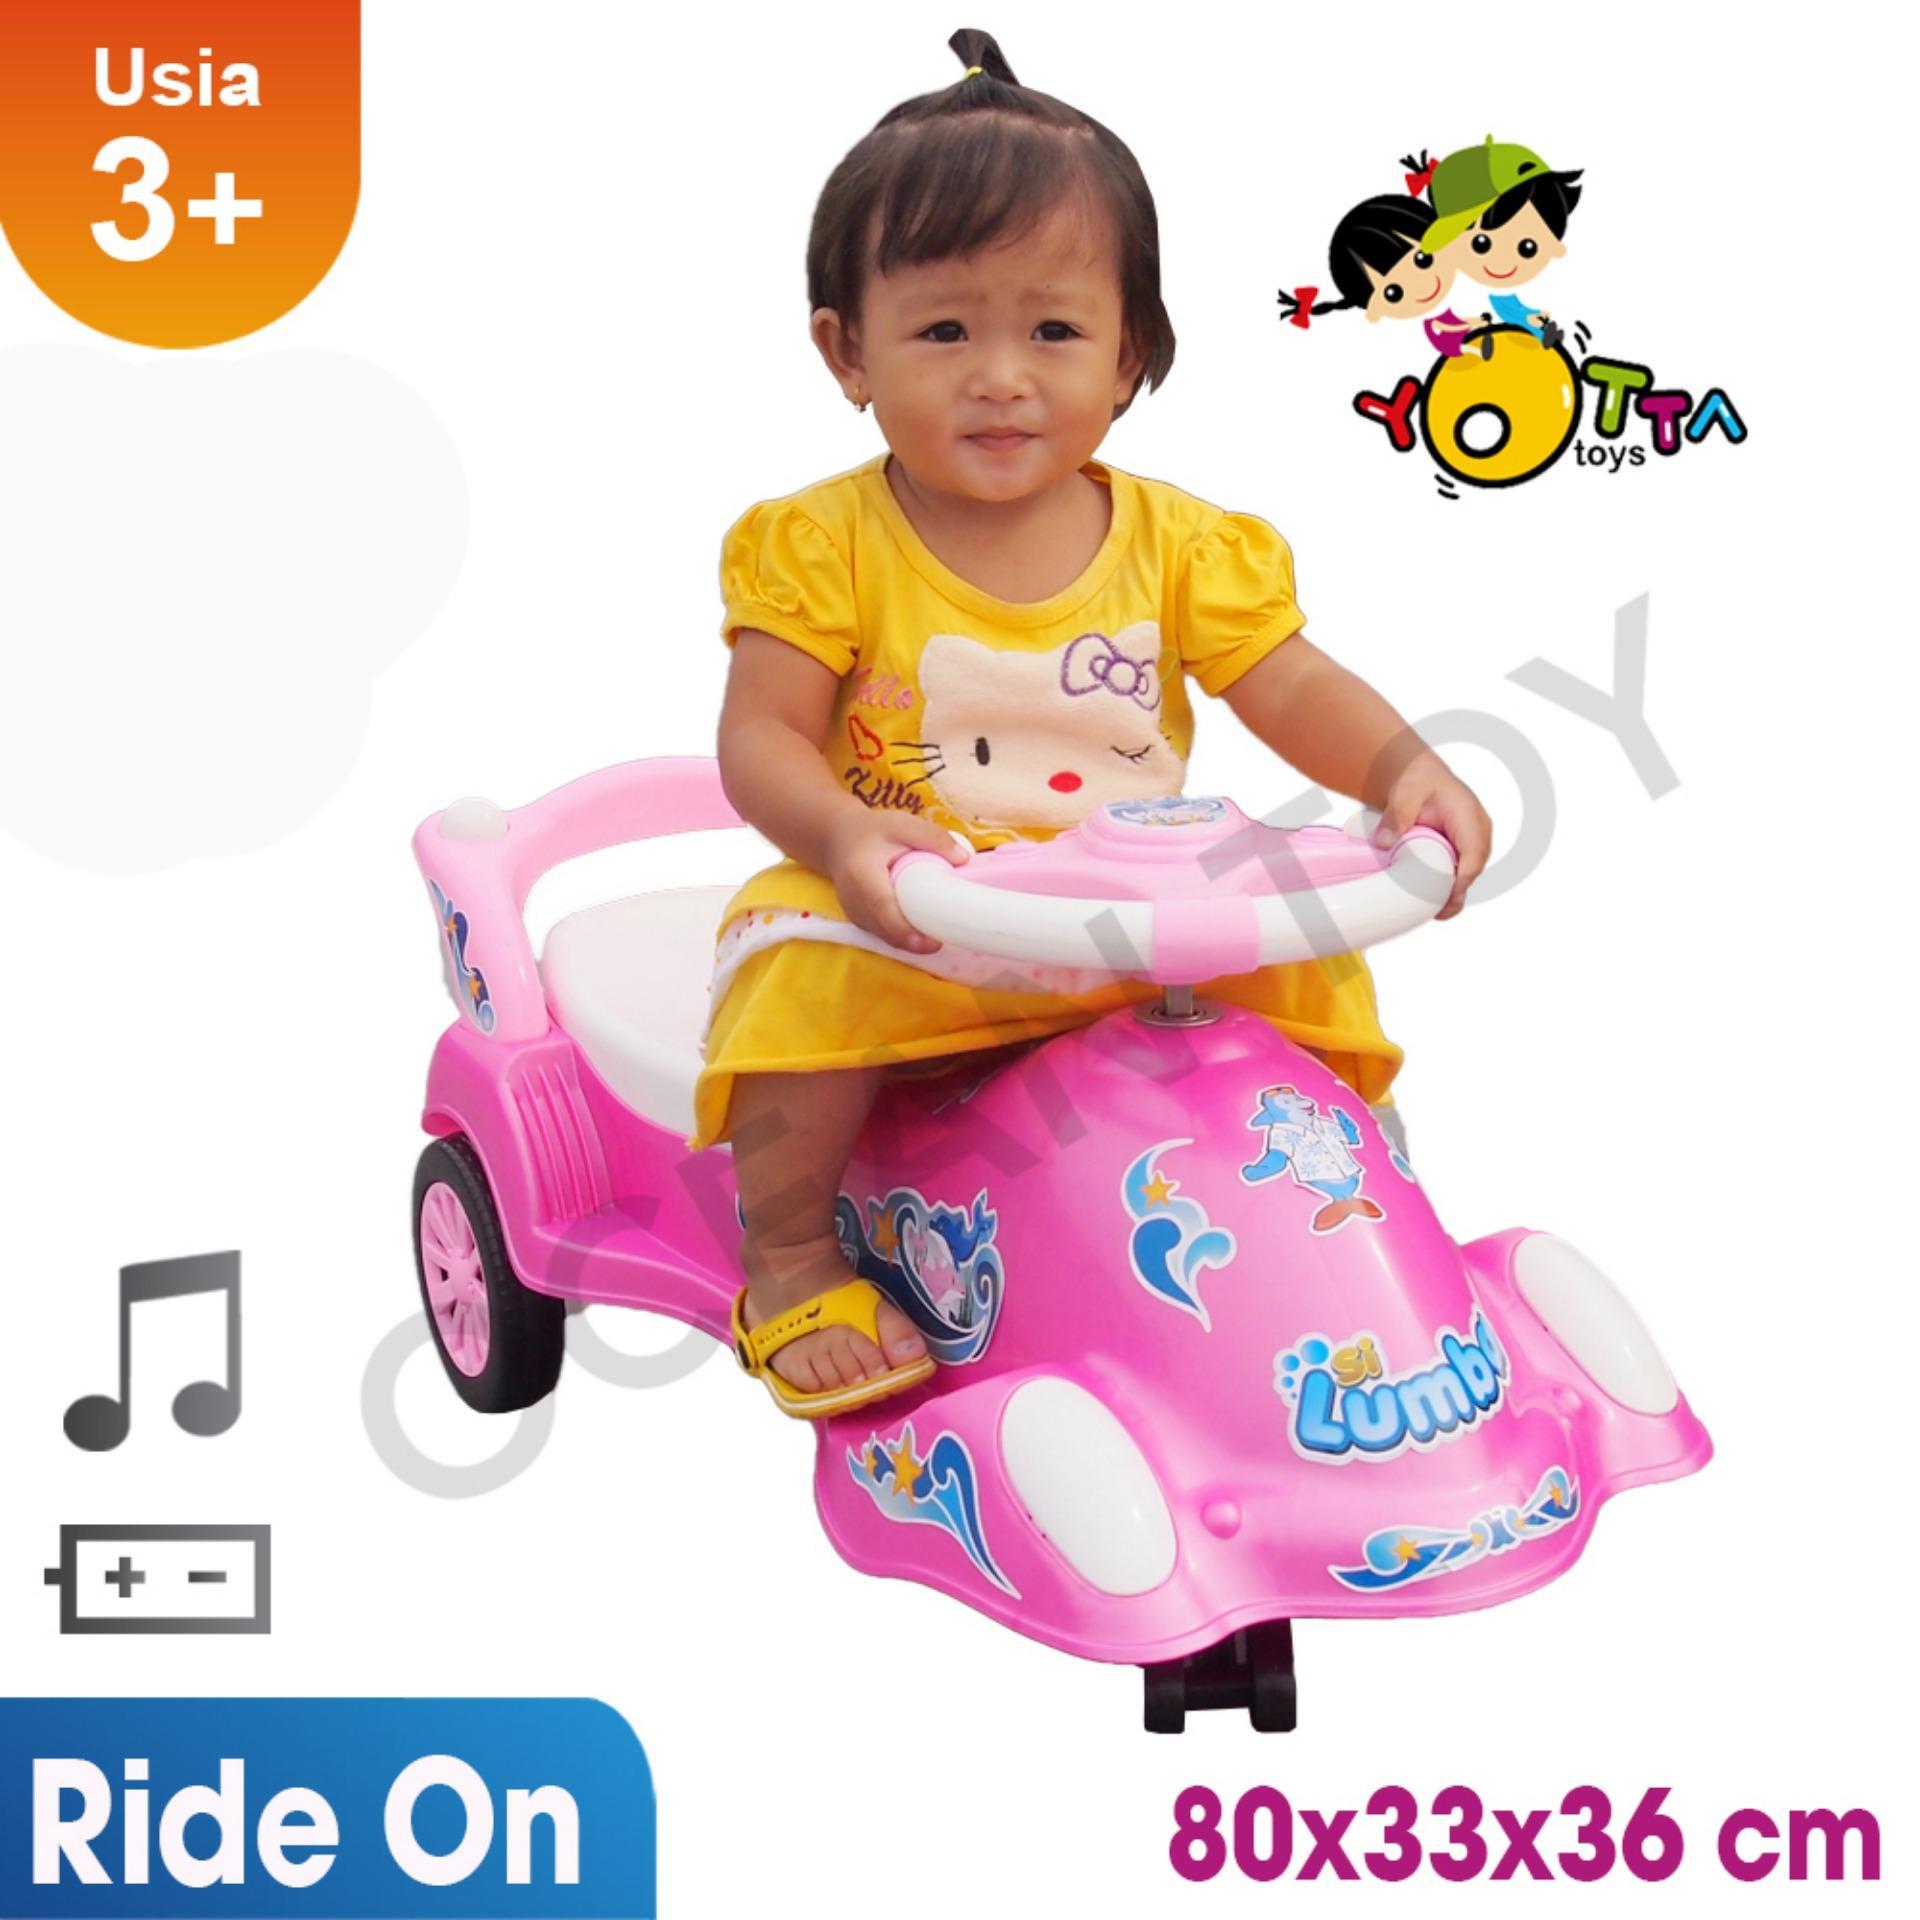 Mainan Ride On Lumba - Lumba Robox Kumbang / Khusus Jabodetabek / Ride On Anak / Mainan Anak Laki / Perempuan / Ocean Toy By Ocean Toy.